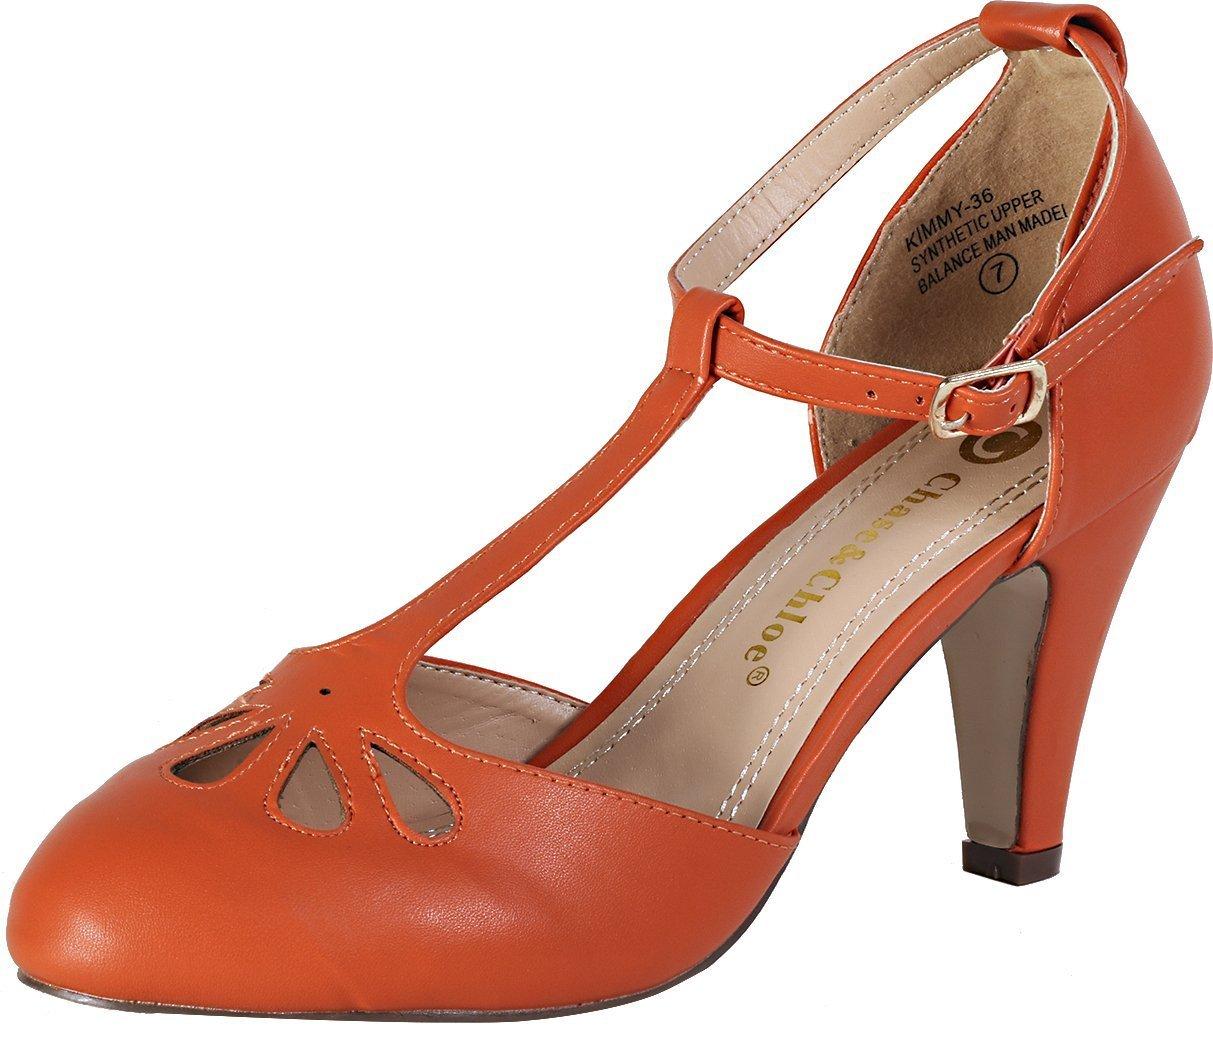 promo code 31025 4ff52 Chase   Chloe Kimmy-36 Women s Teardrop Teardrop Teardrop Cut Out T-Strap  Mid Heel Dress Pumps B01C4UO1WQ 8.5 M US Persimmon 10be10